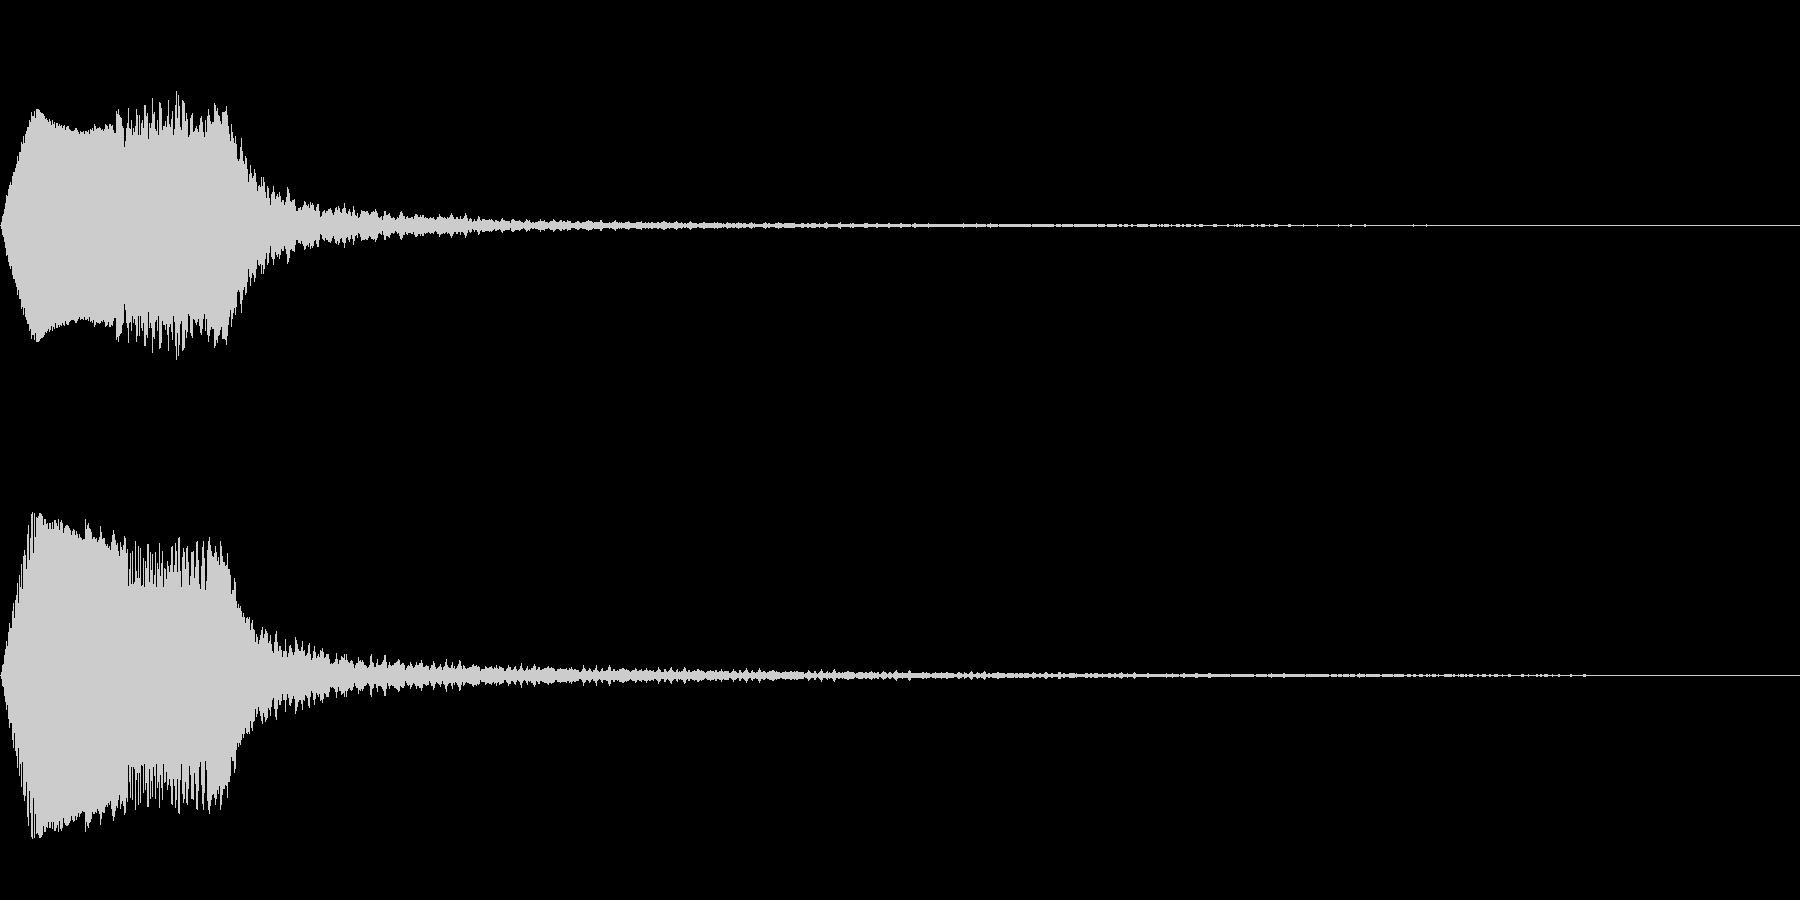 ひゅうん ↓ 下降音 の未再生の波形